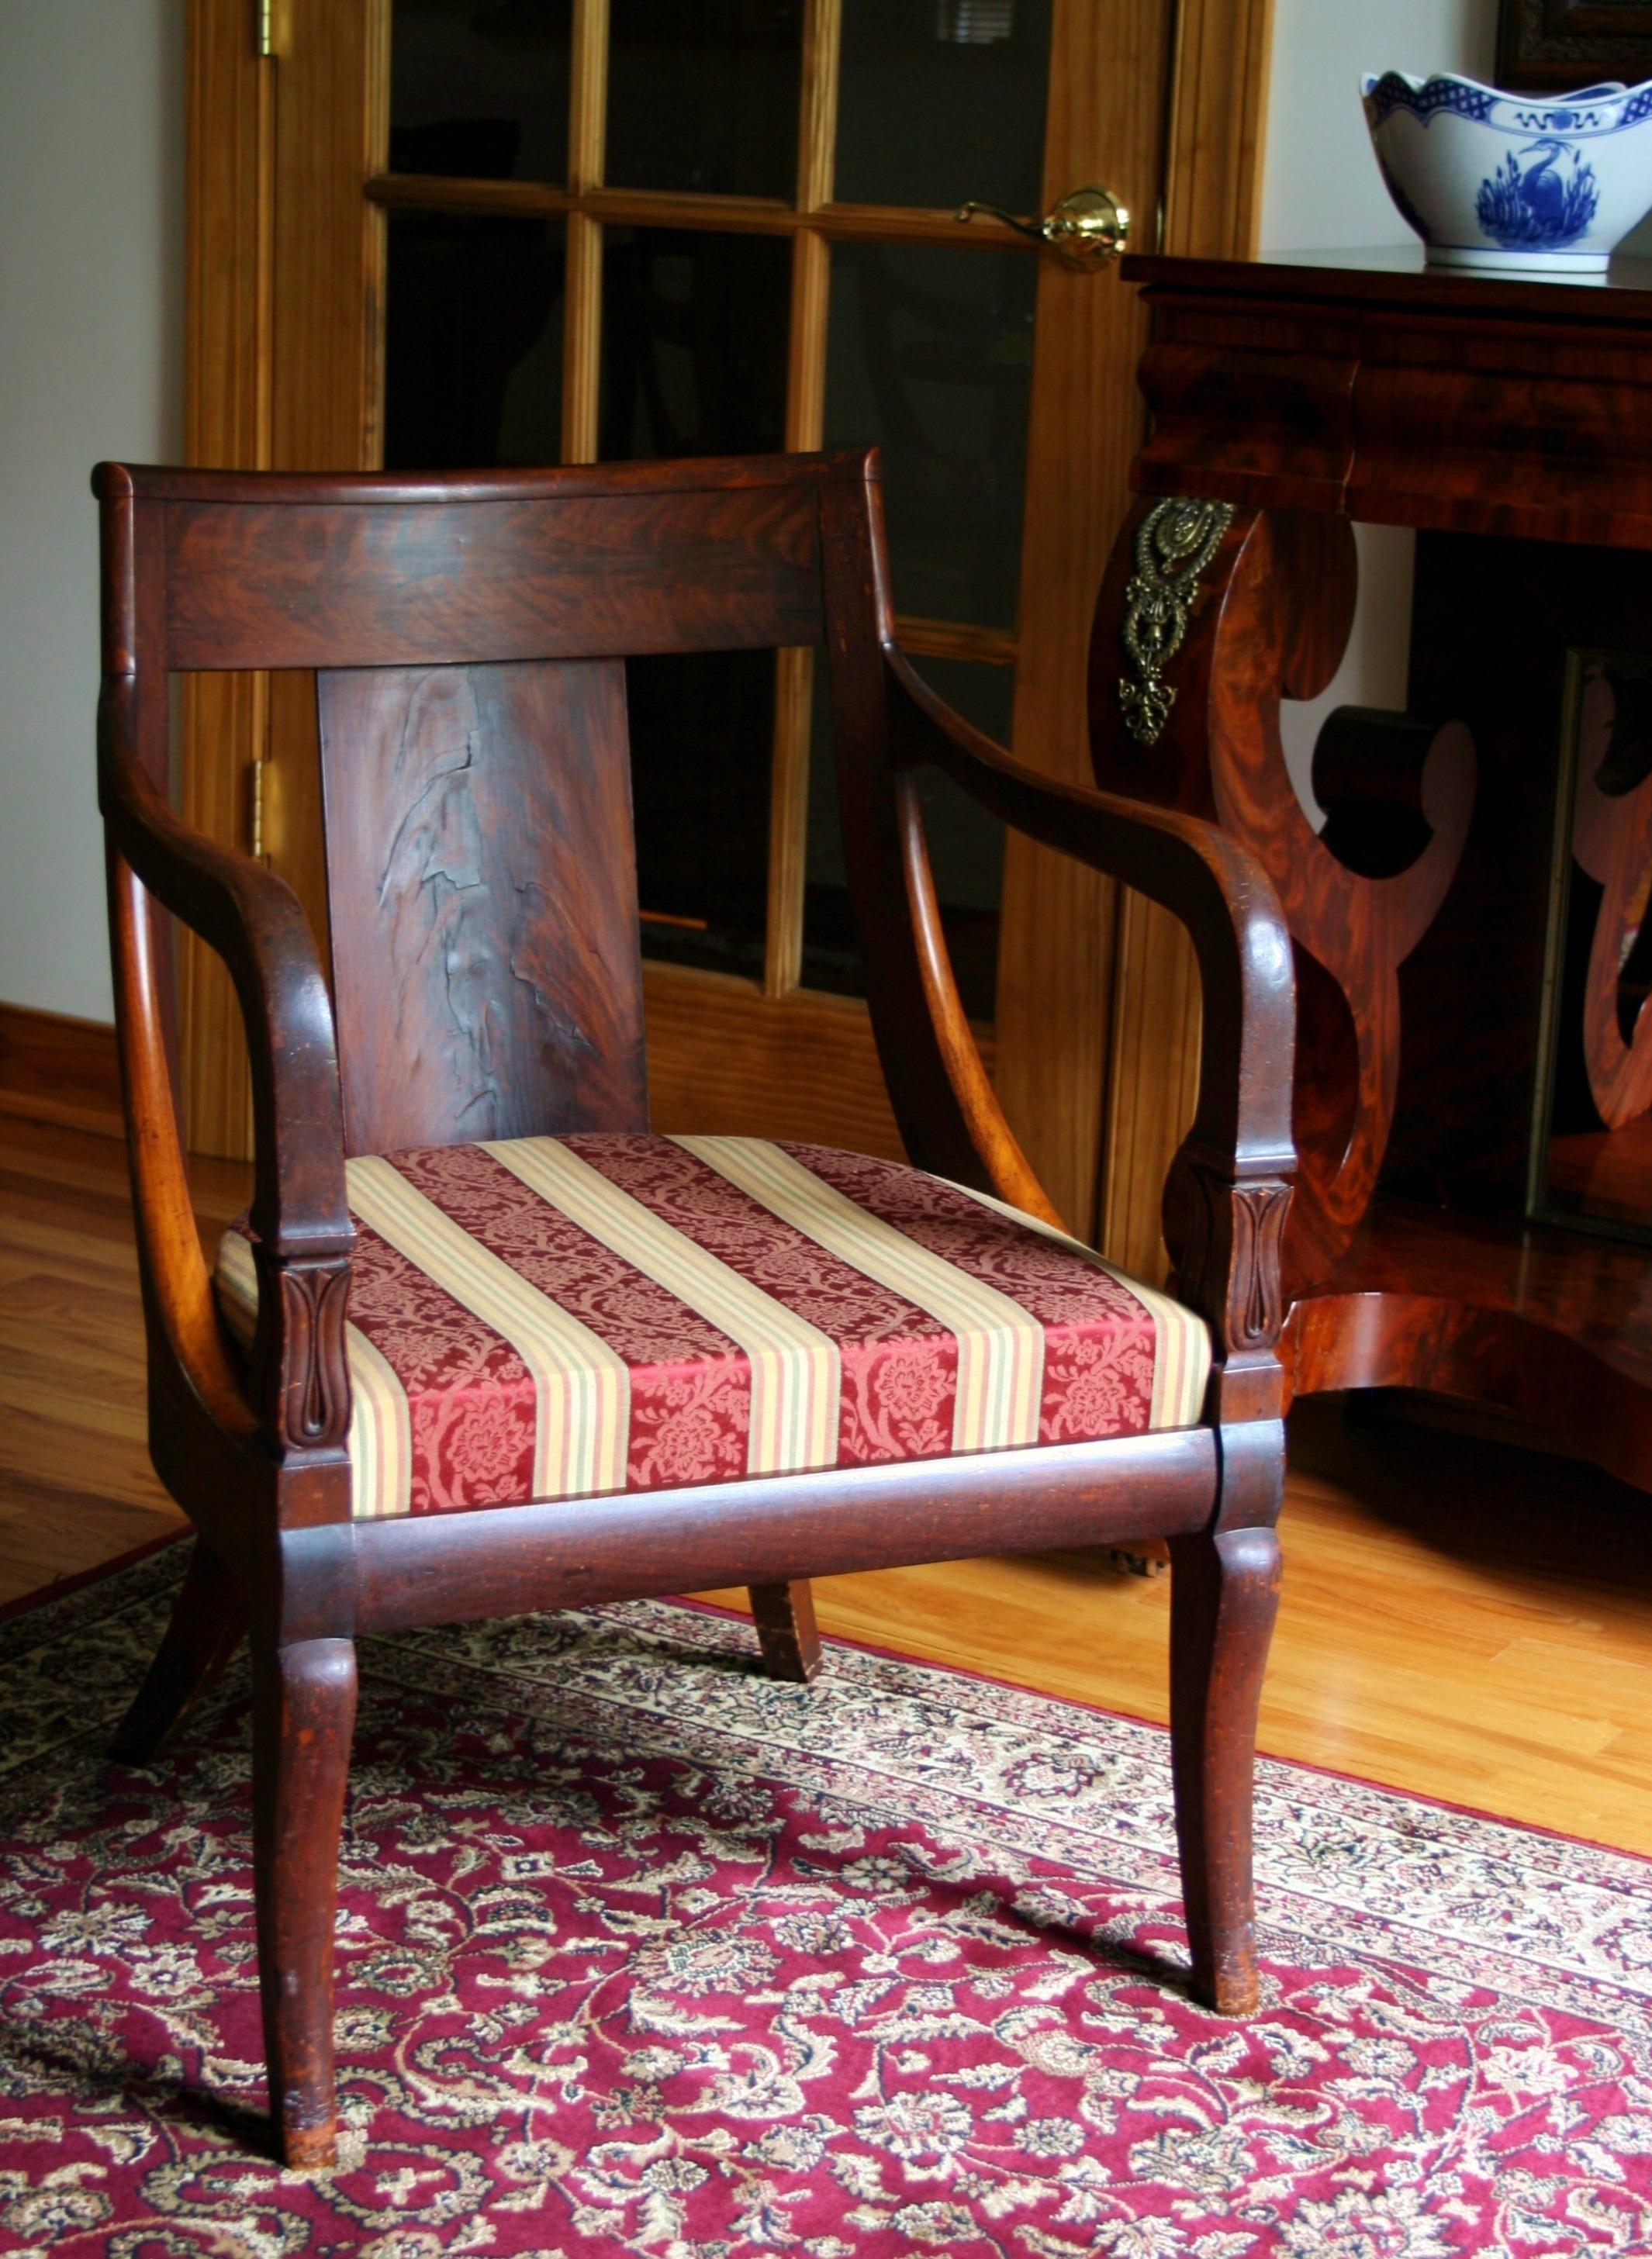 Images Gratuites : table, bois, antique, chaise, siège, salon ...